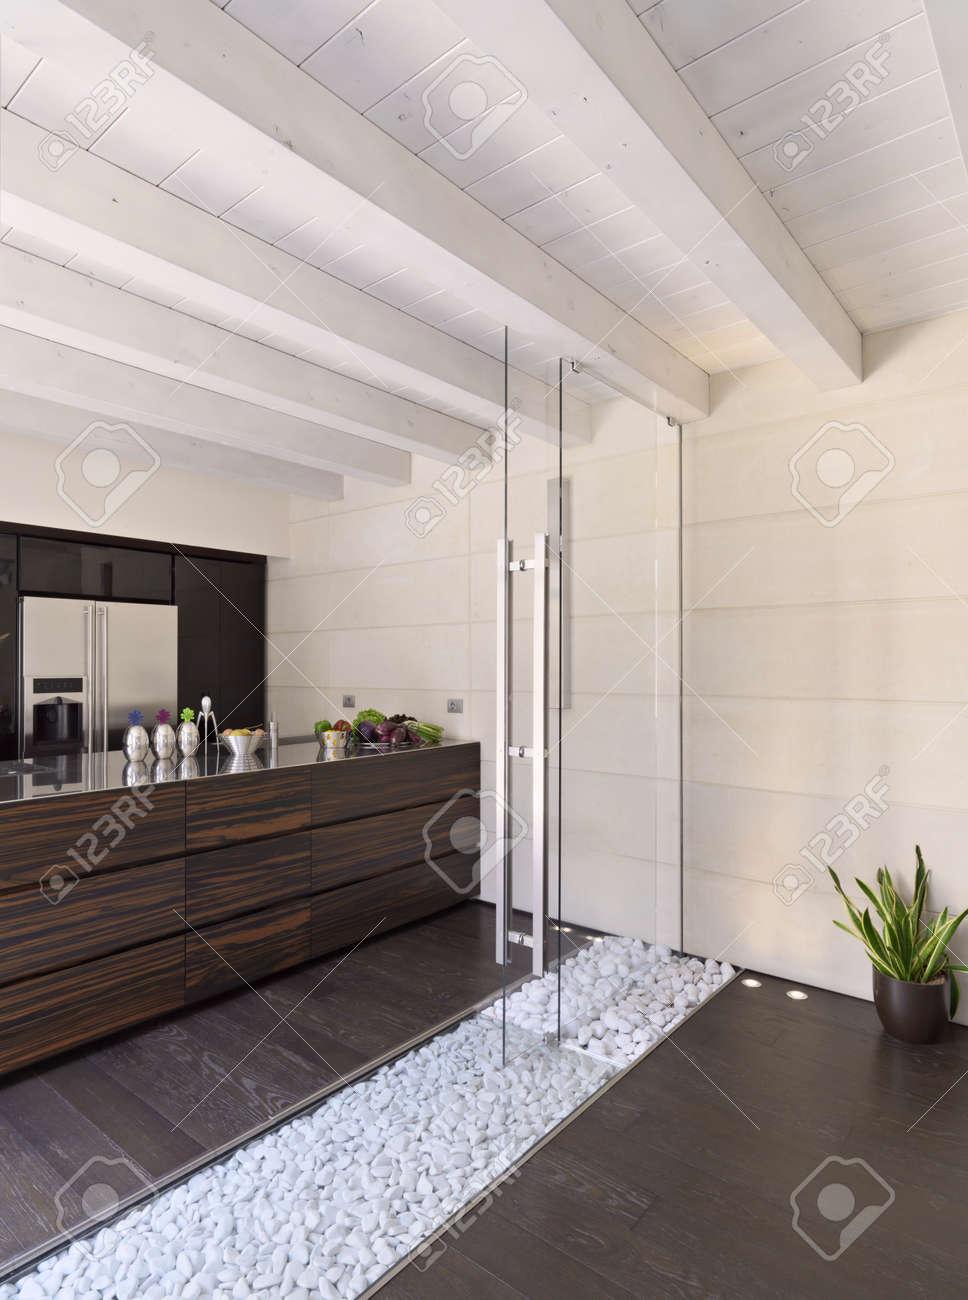 cucina moderna con pavimento in legno e soffitto e porta in vetro ... - Pavimenti Cucina Moderna